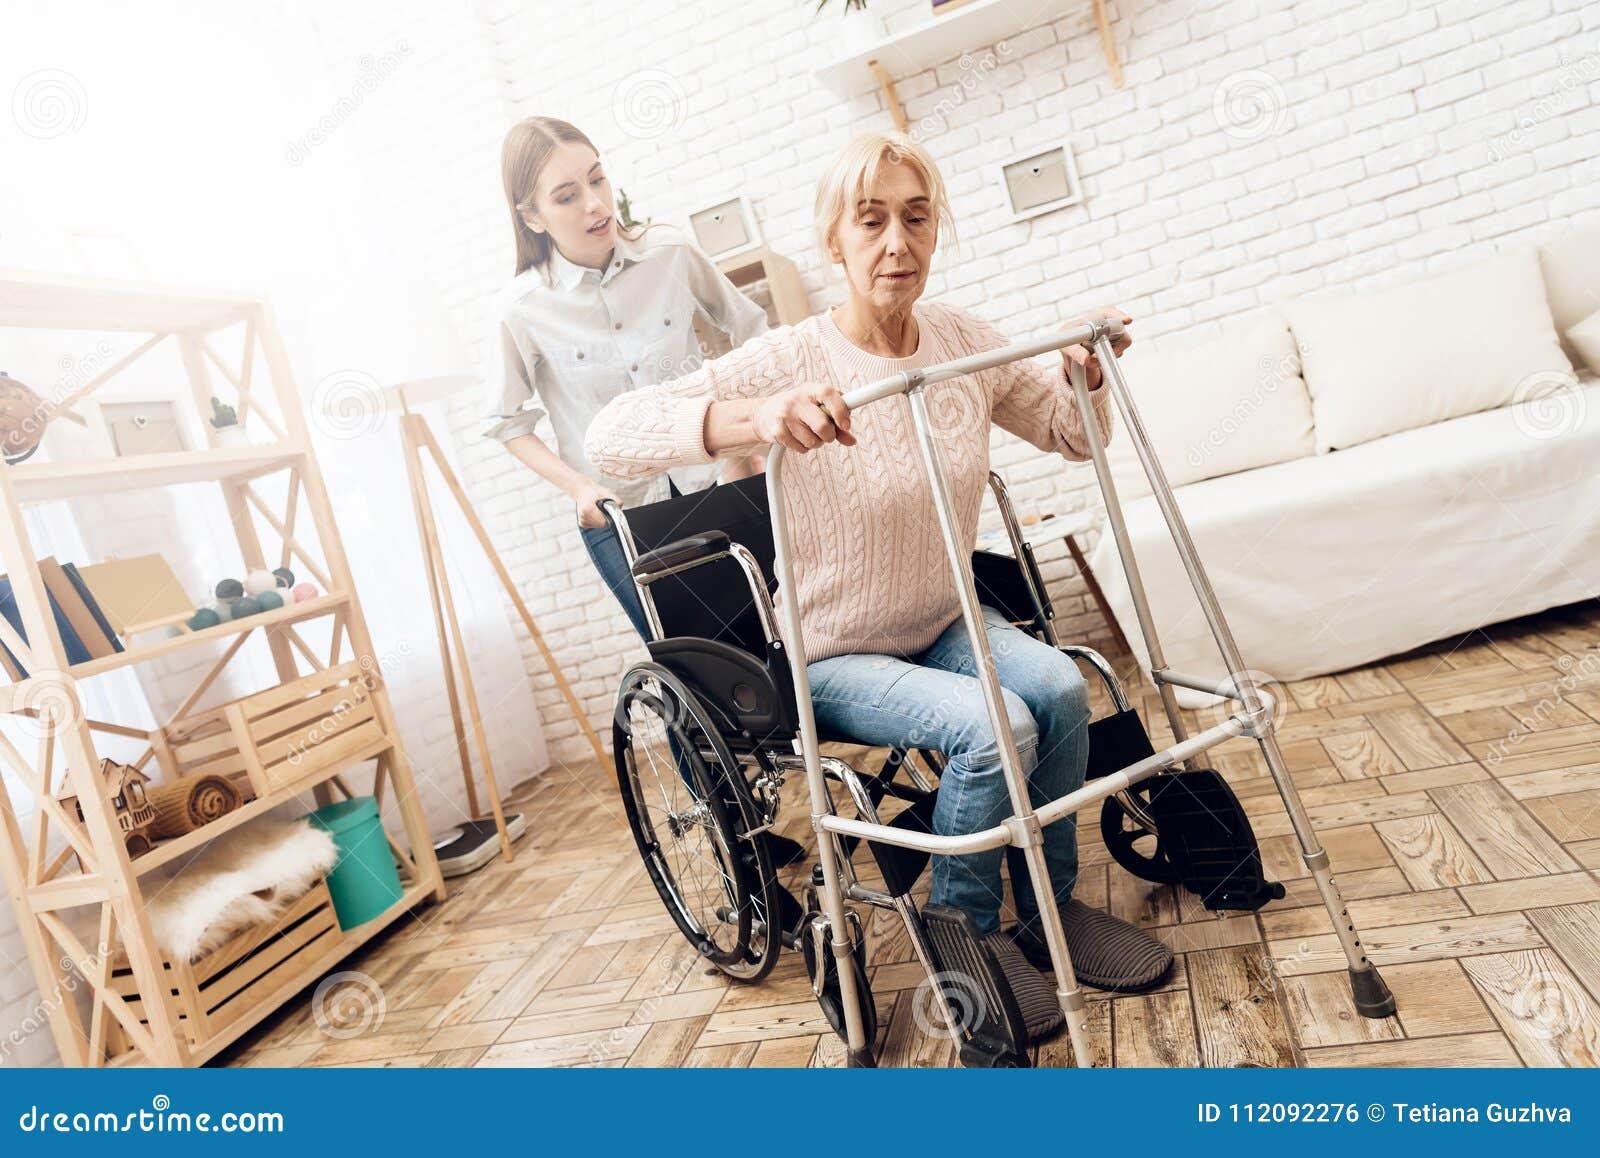 La fille soigne la femme agée à la maison La femme essaye de se lever du fauteuil roulant